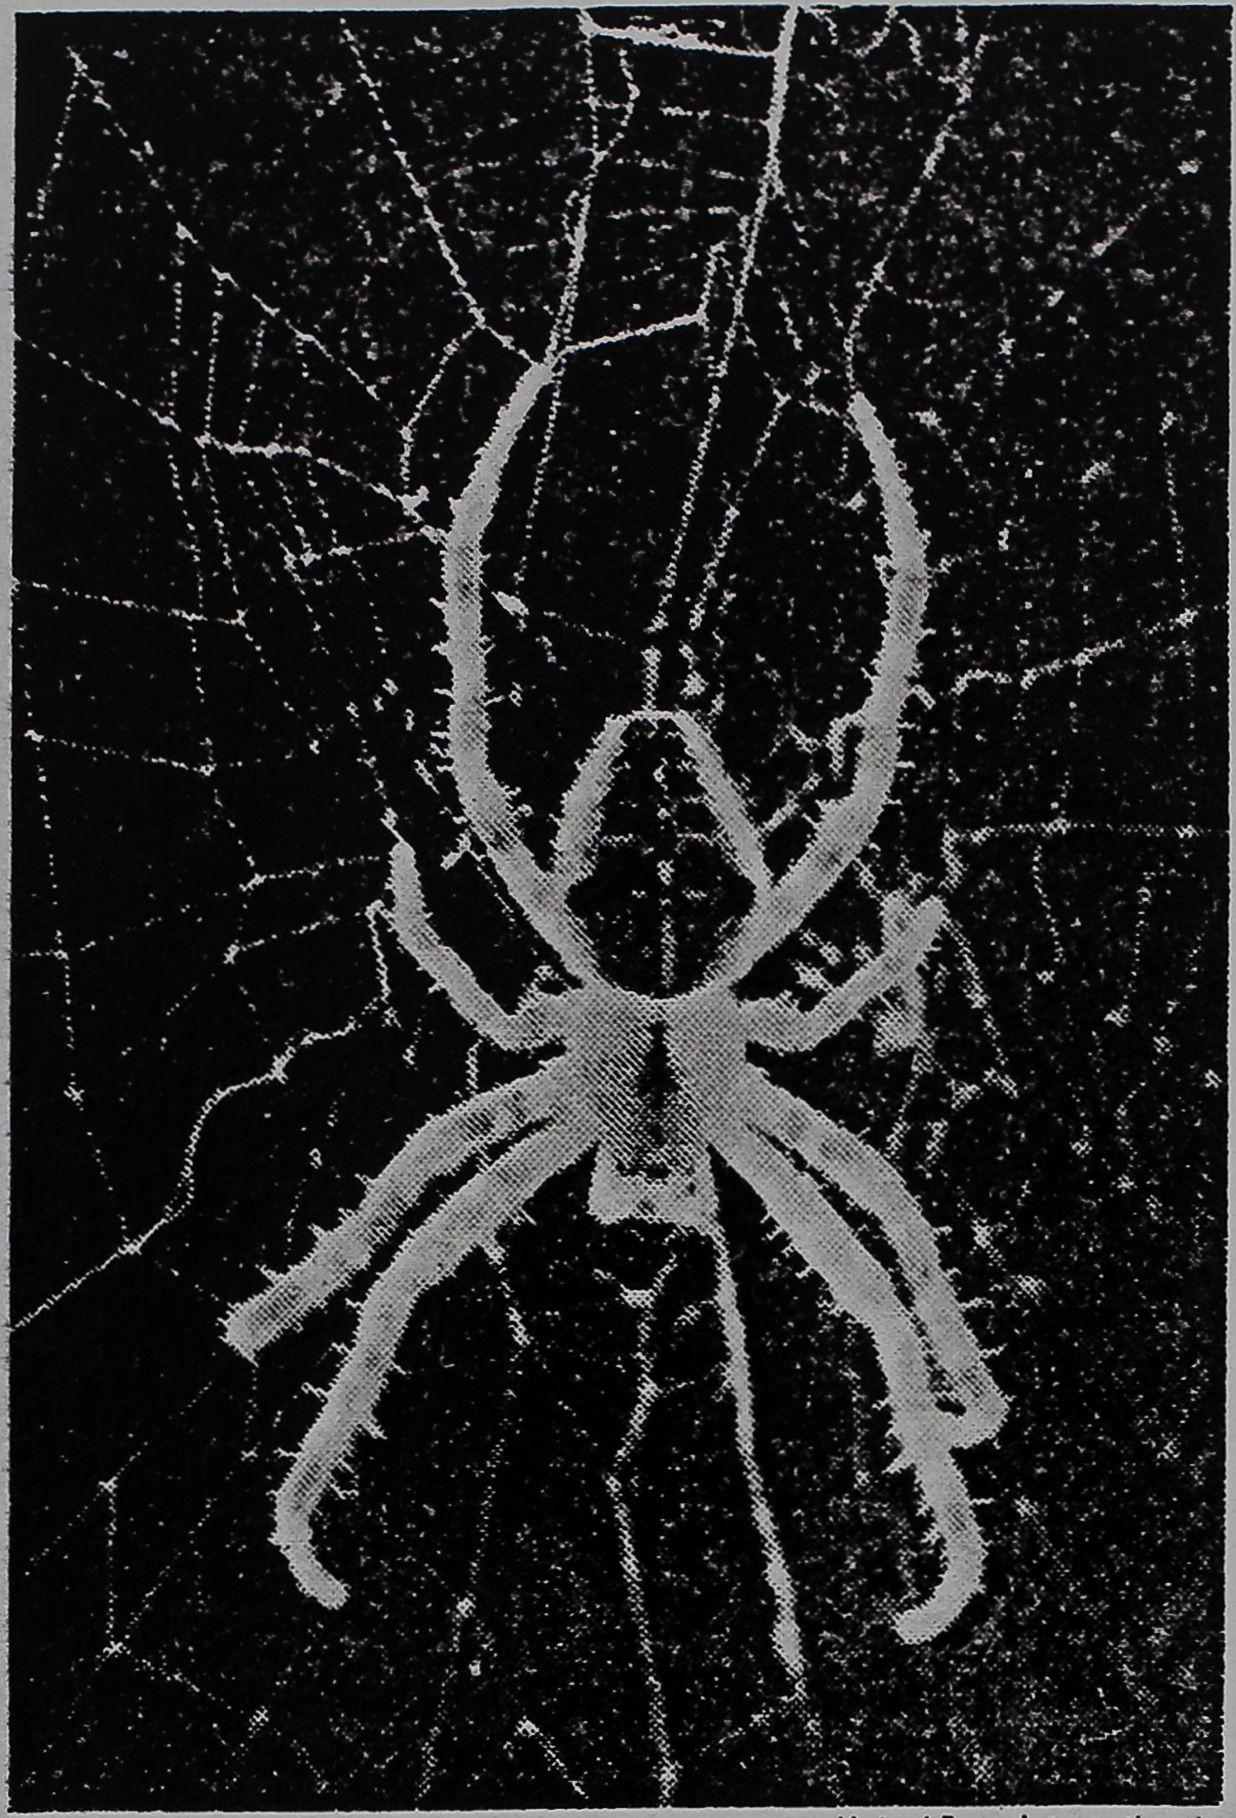 1973-Spiders-Help-Men-1